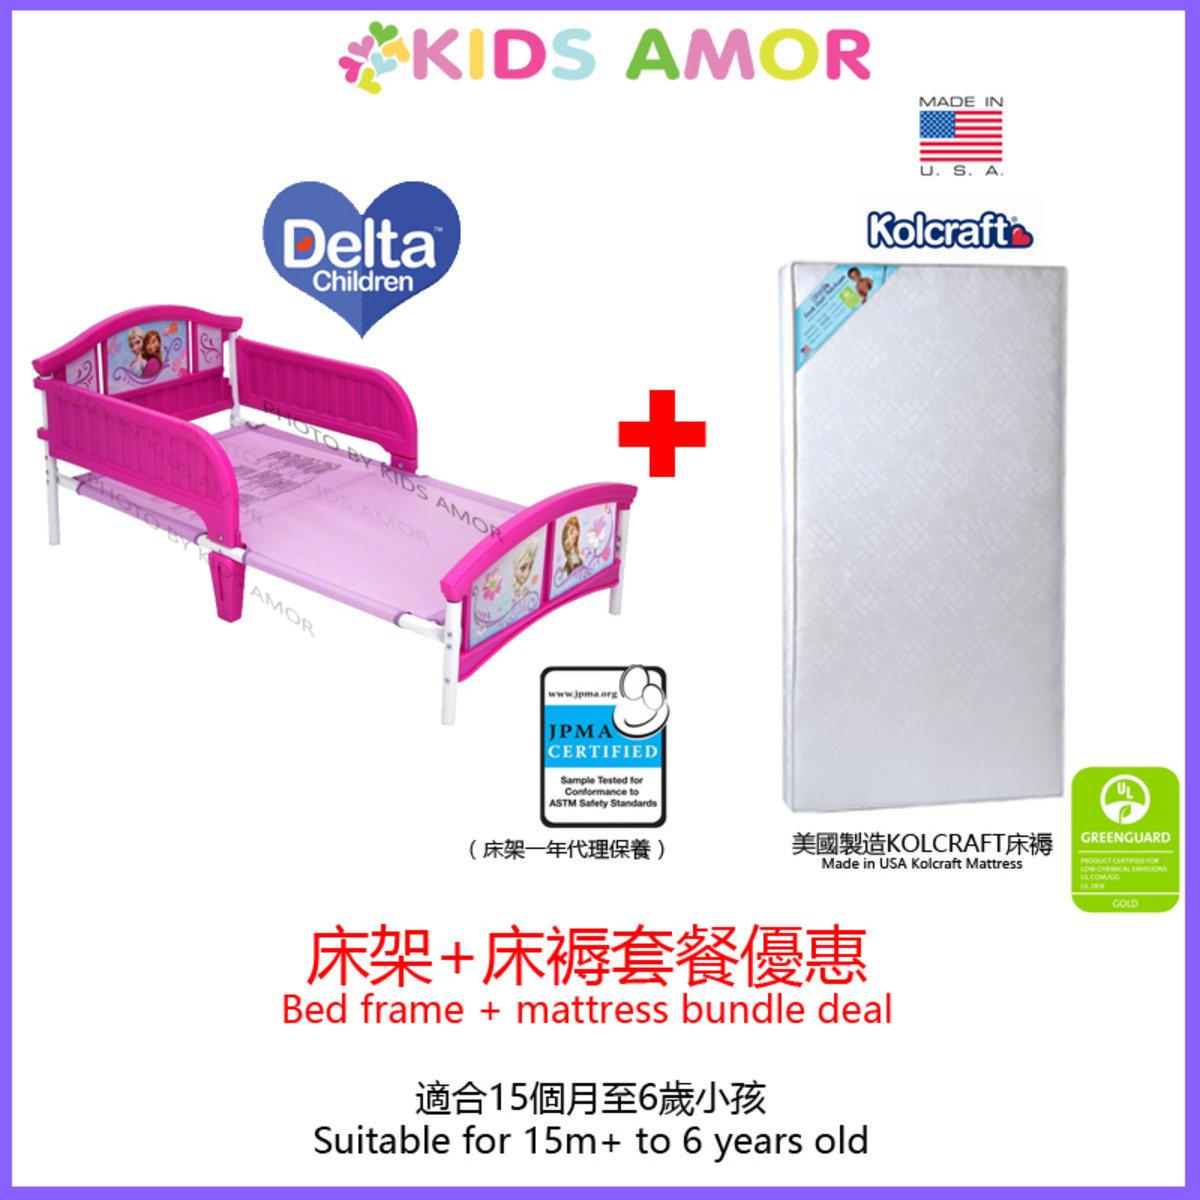 【套餐】迪士尼魔雪奇緣兒童床架 + 美國製造 Kolcraft 床褥